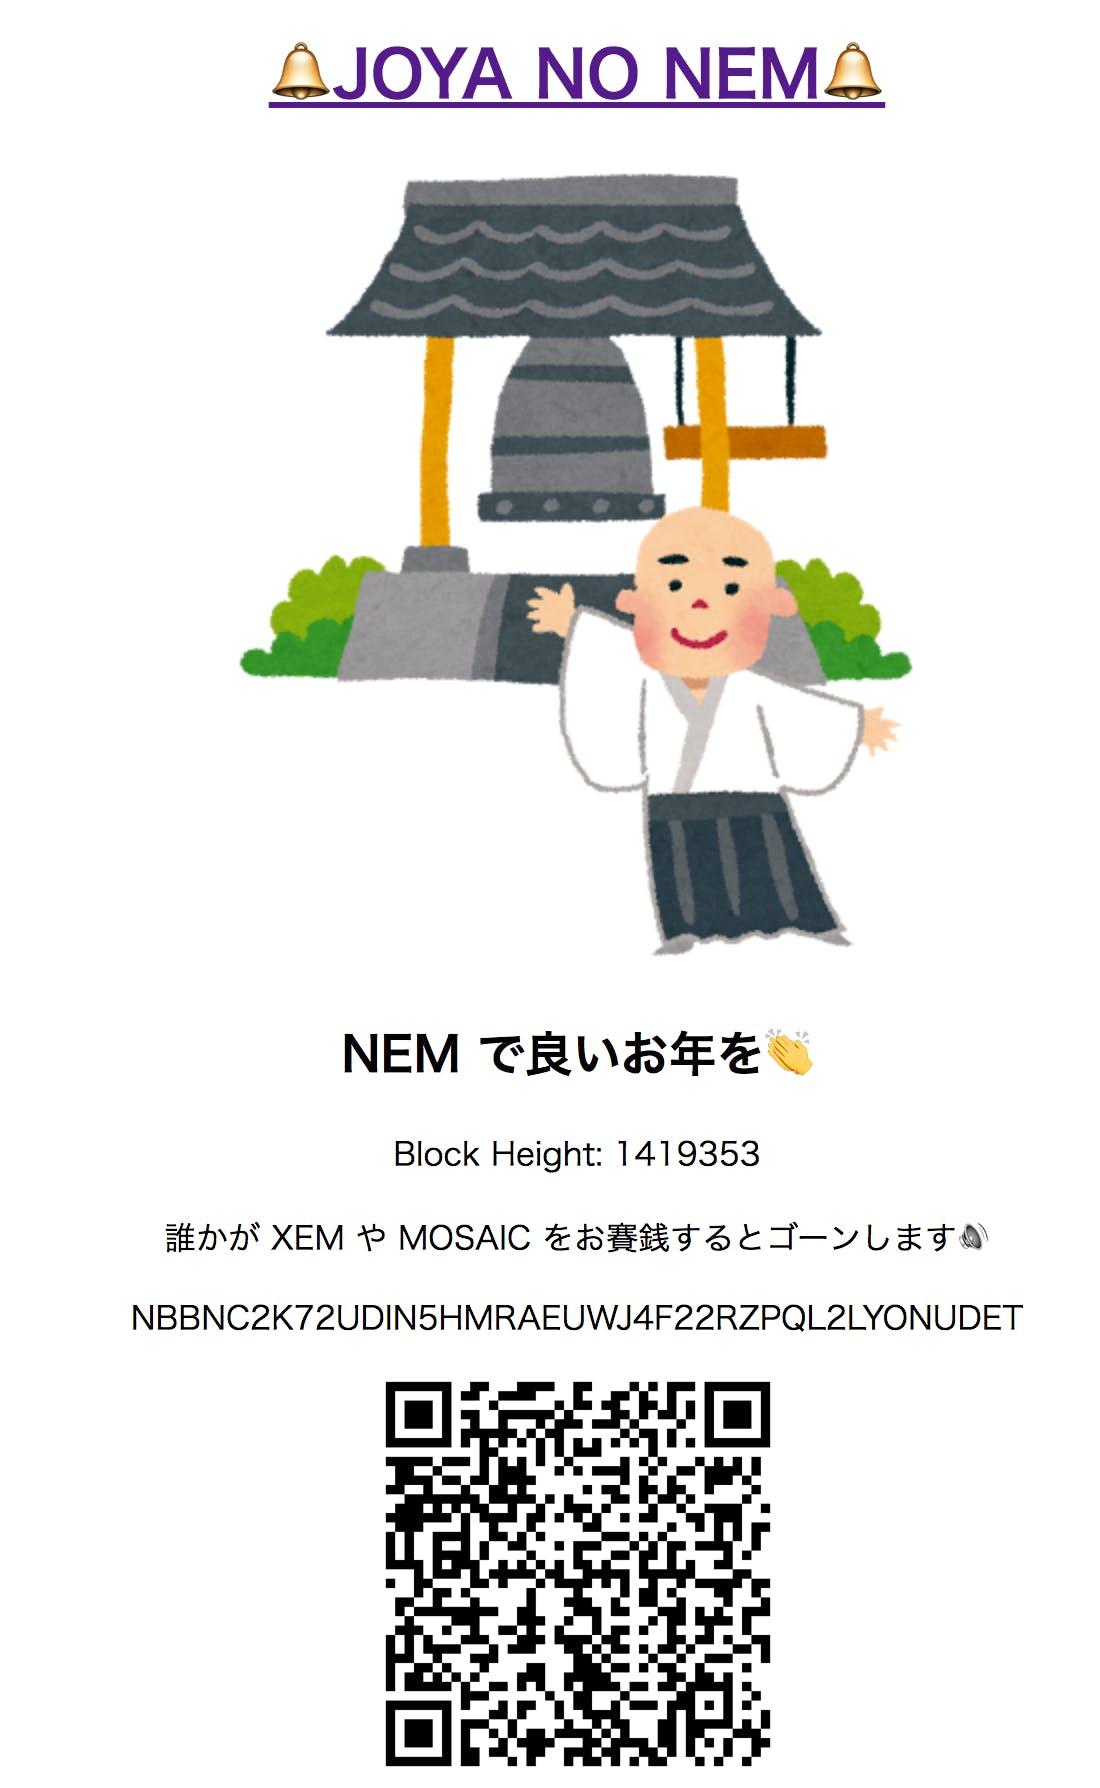 スクリーンショット 2017-12-18 1.05.18.png